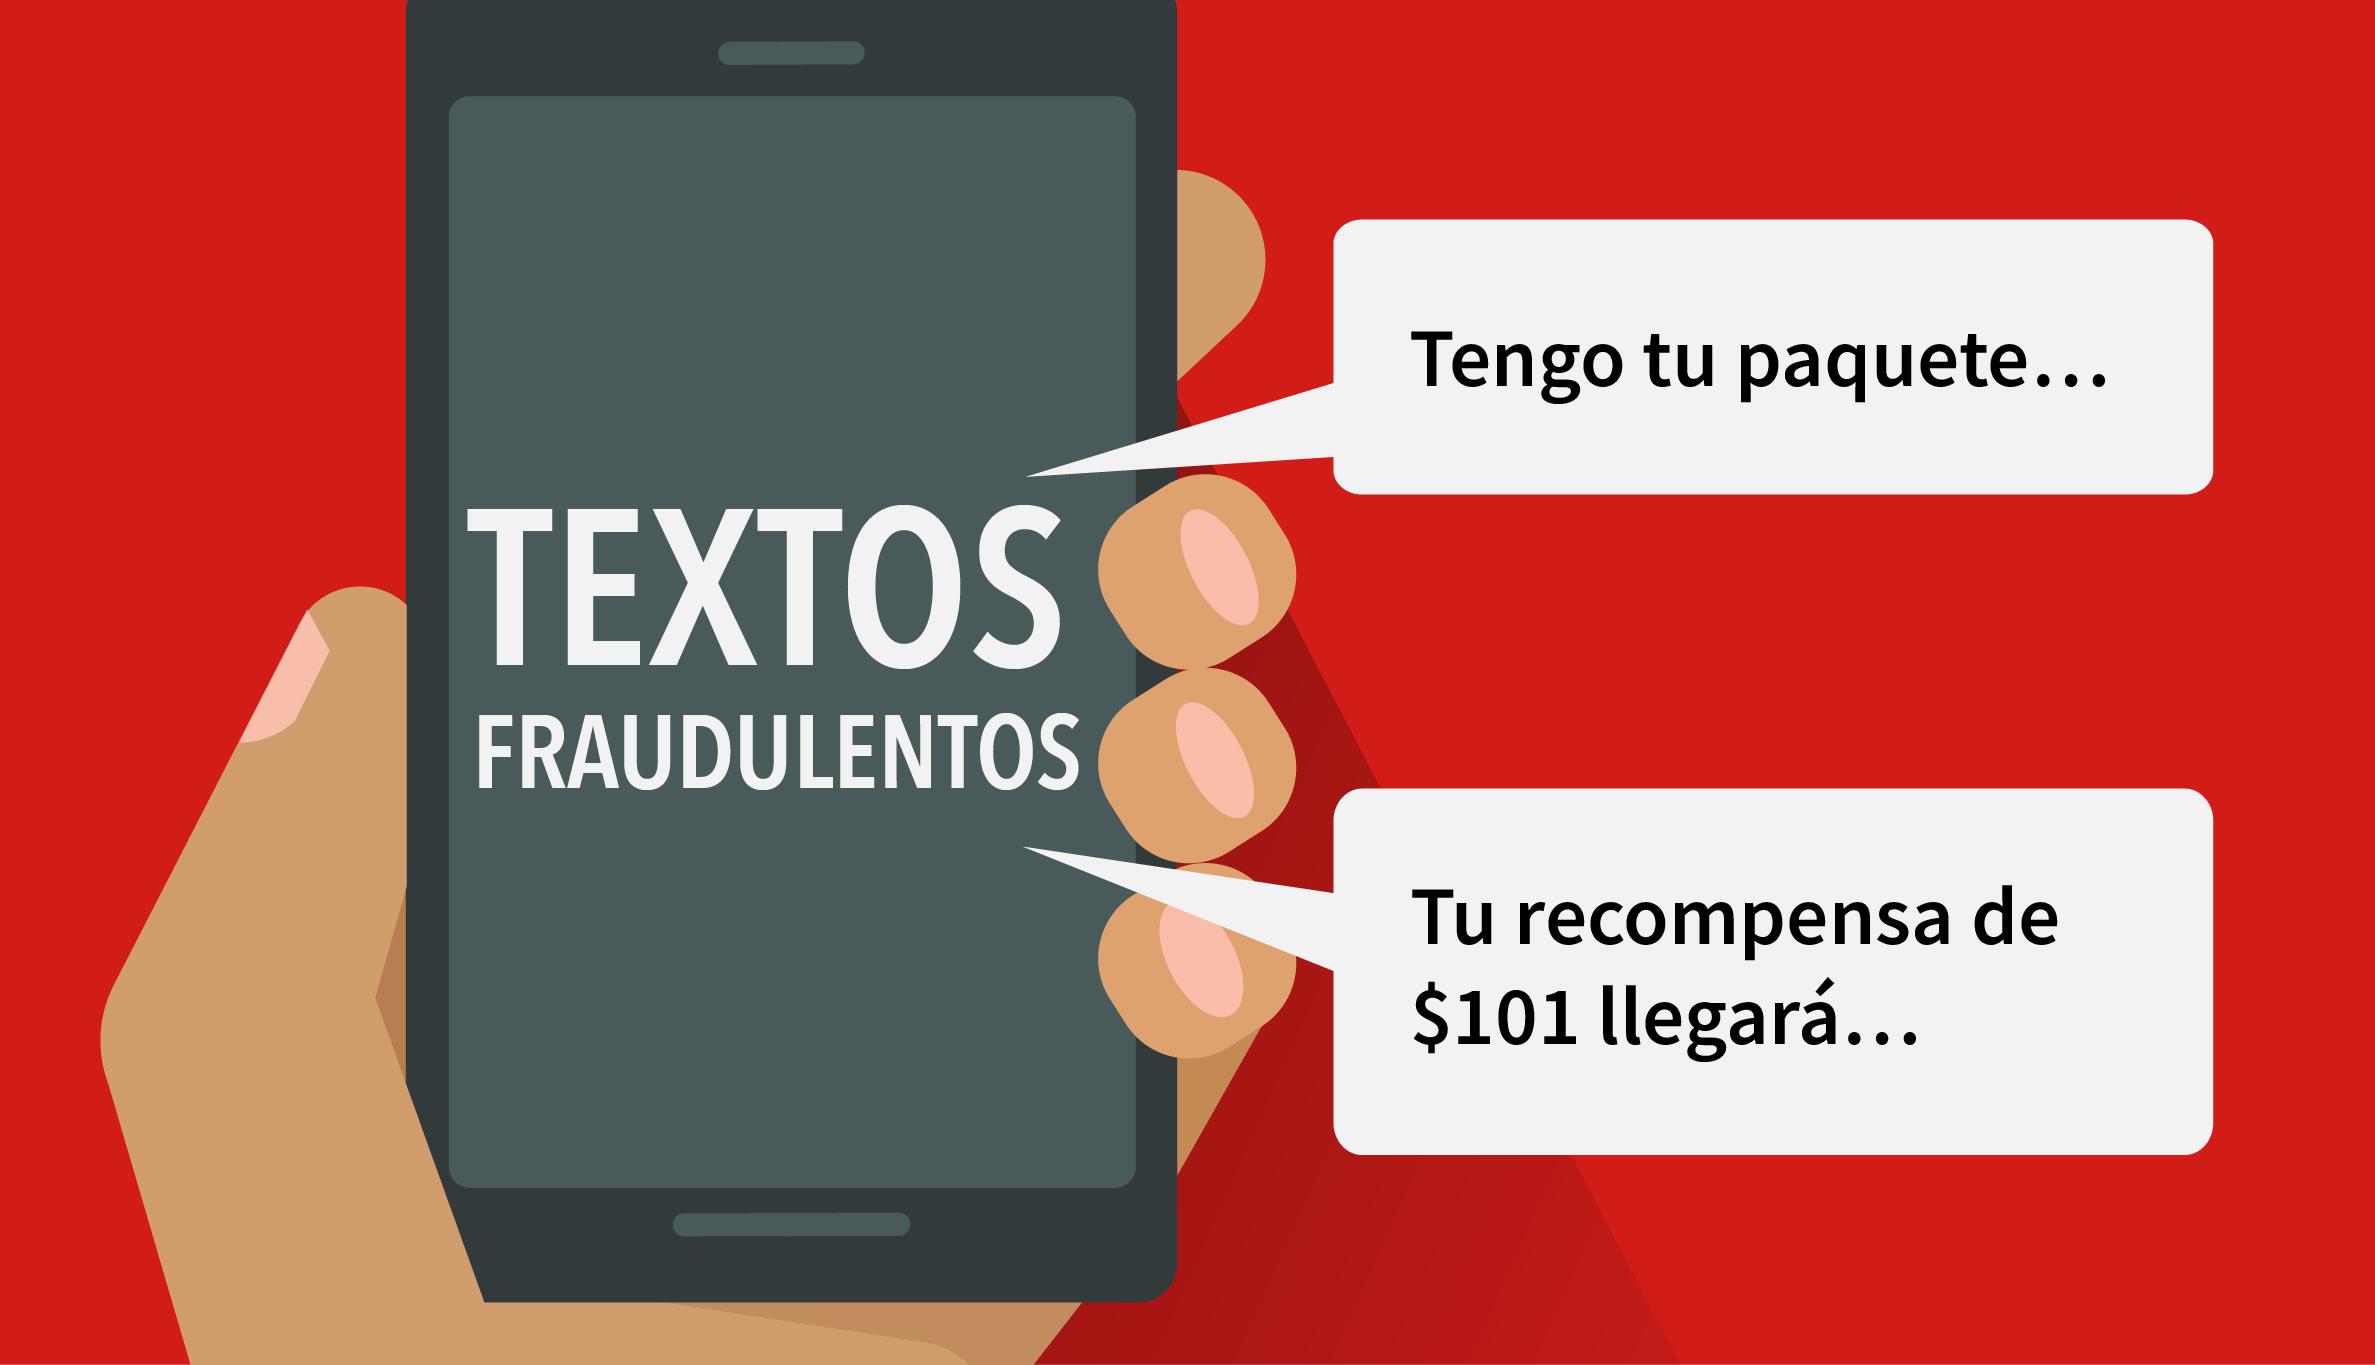 Ilustración de un teléfono inteligente que dice textos fraudulentos y tengo tu paquete, y tu recompensa de <img01 llegará